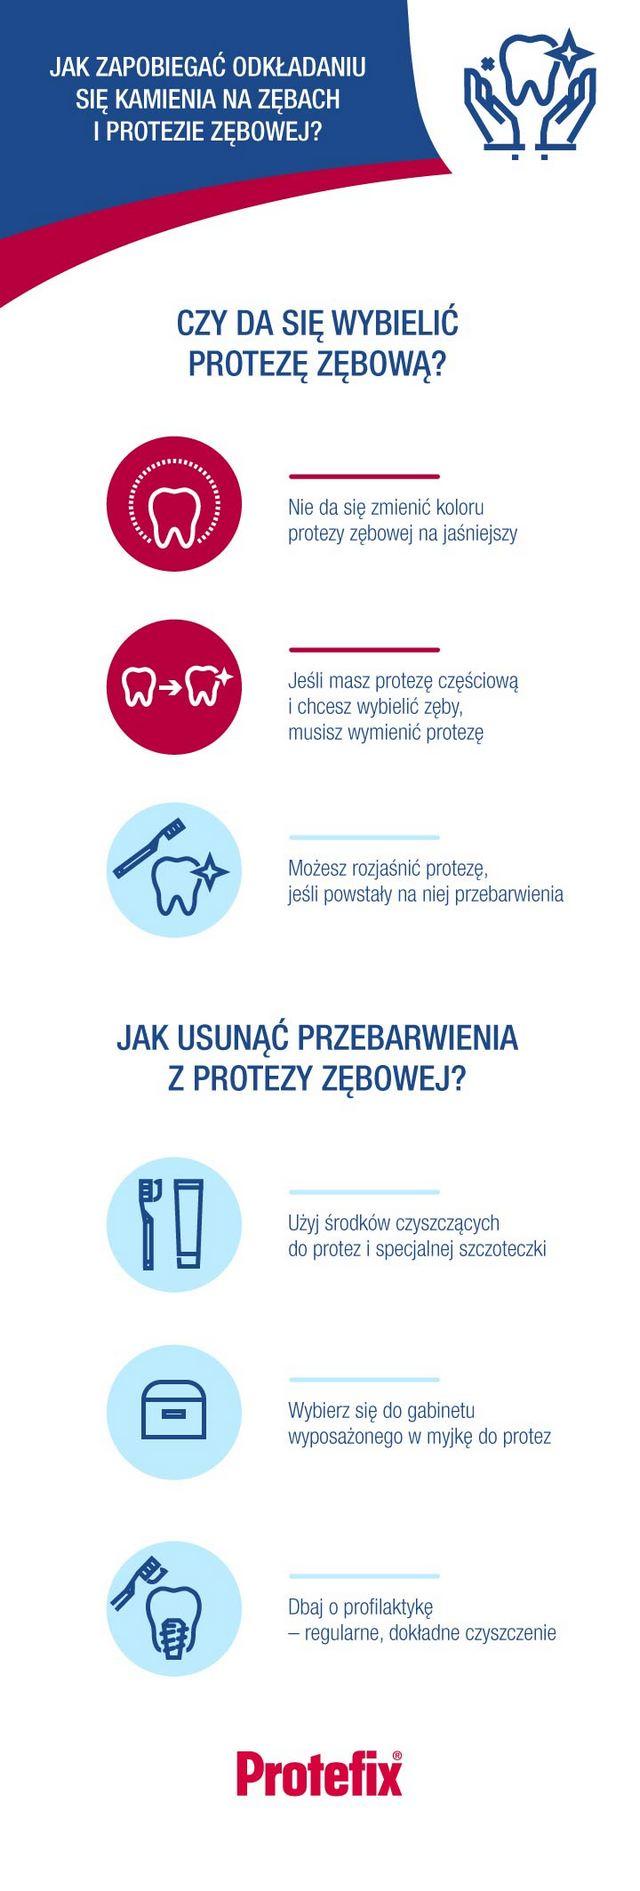 fot. wybielanie protezy zębowej - infografika